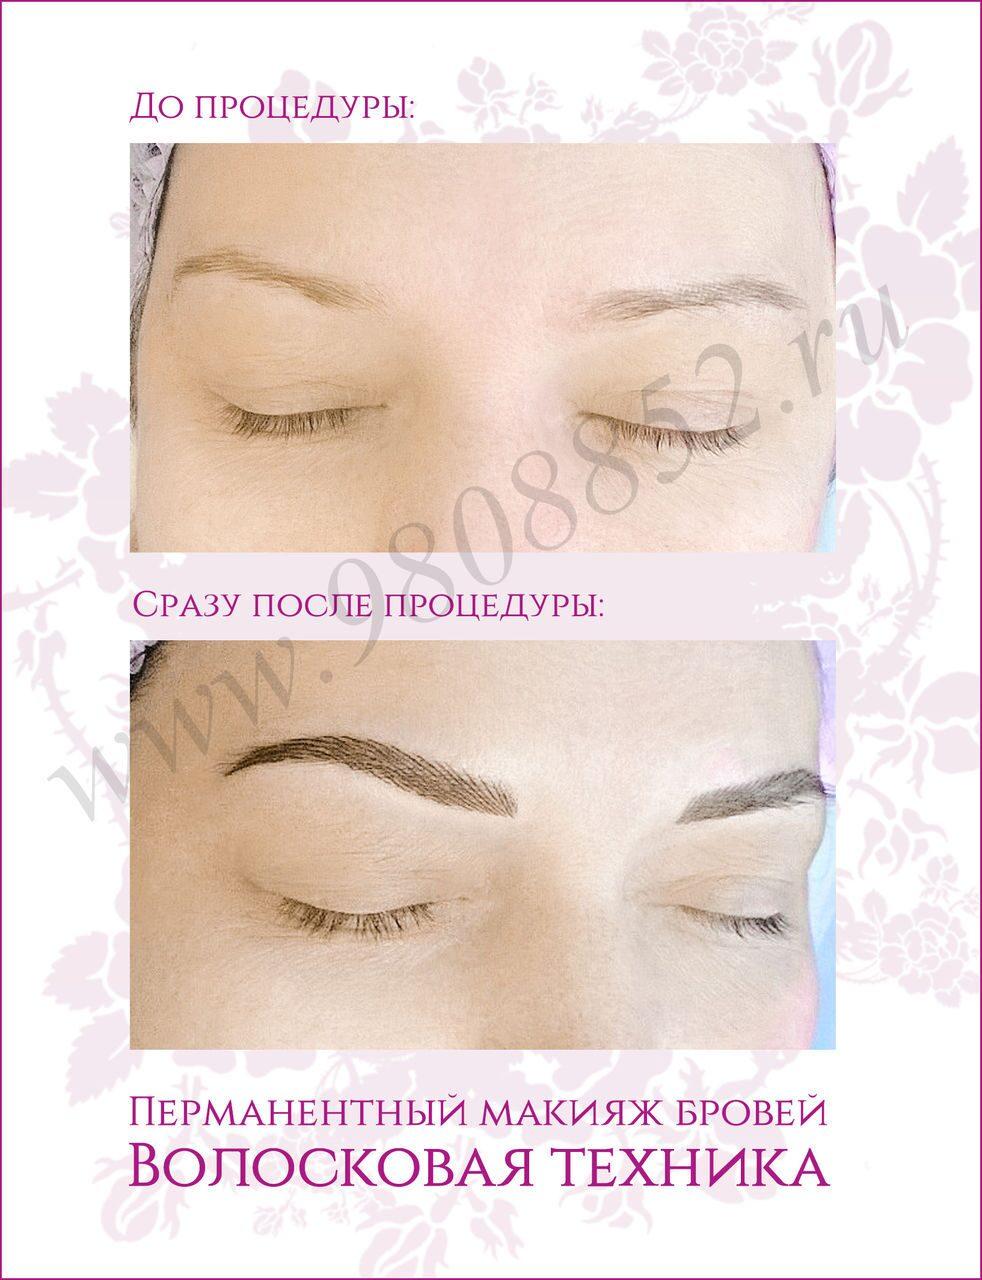 Перманентный макияж бровей метод волосковый метод